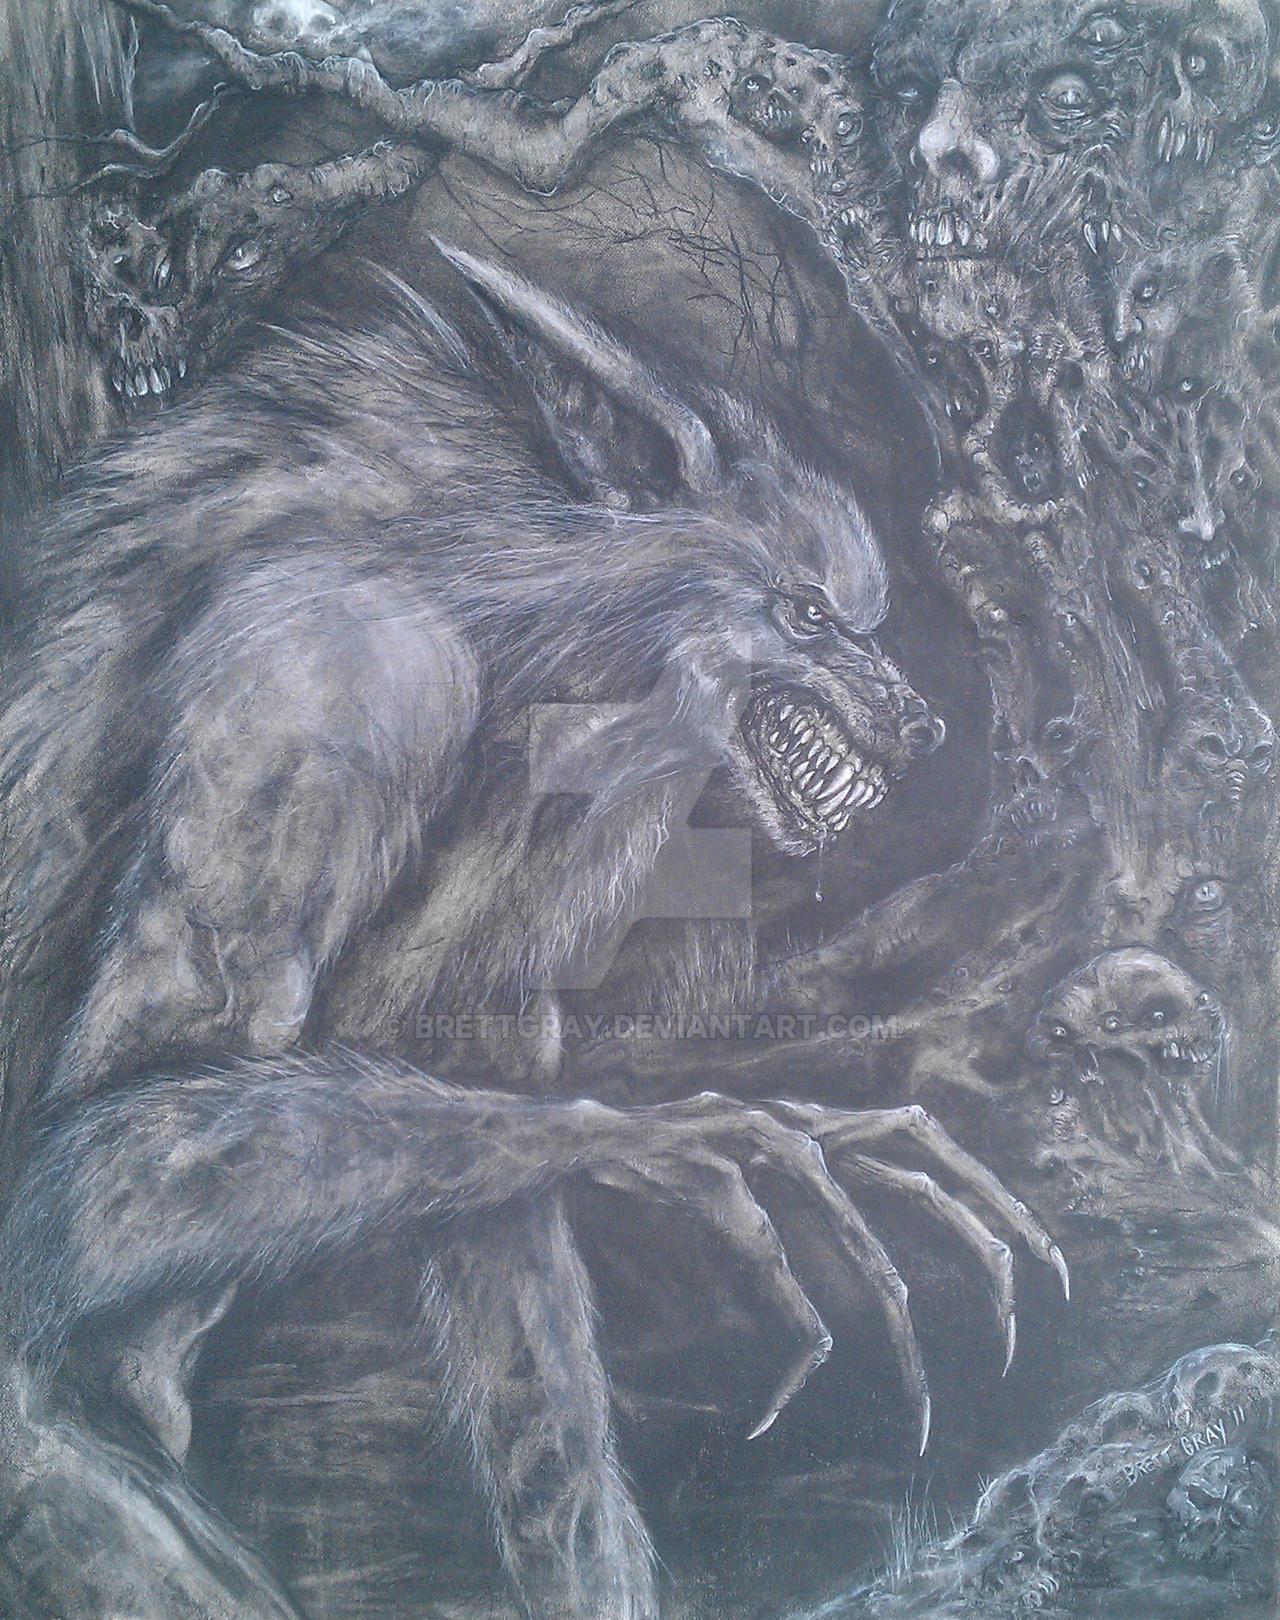 Lycanthrope by brettgray